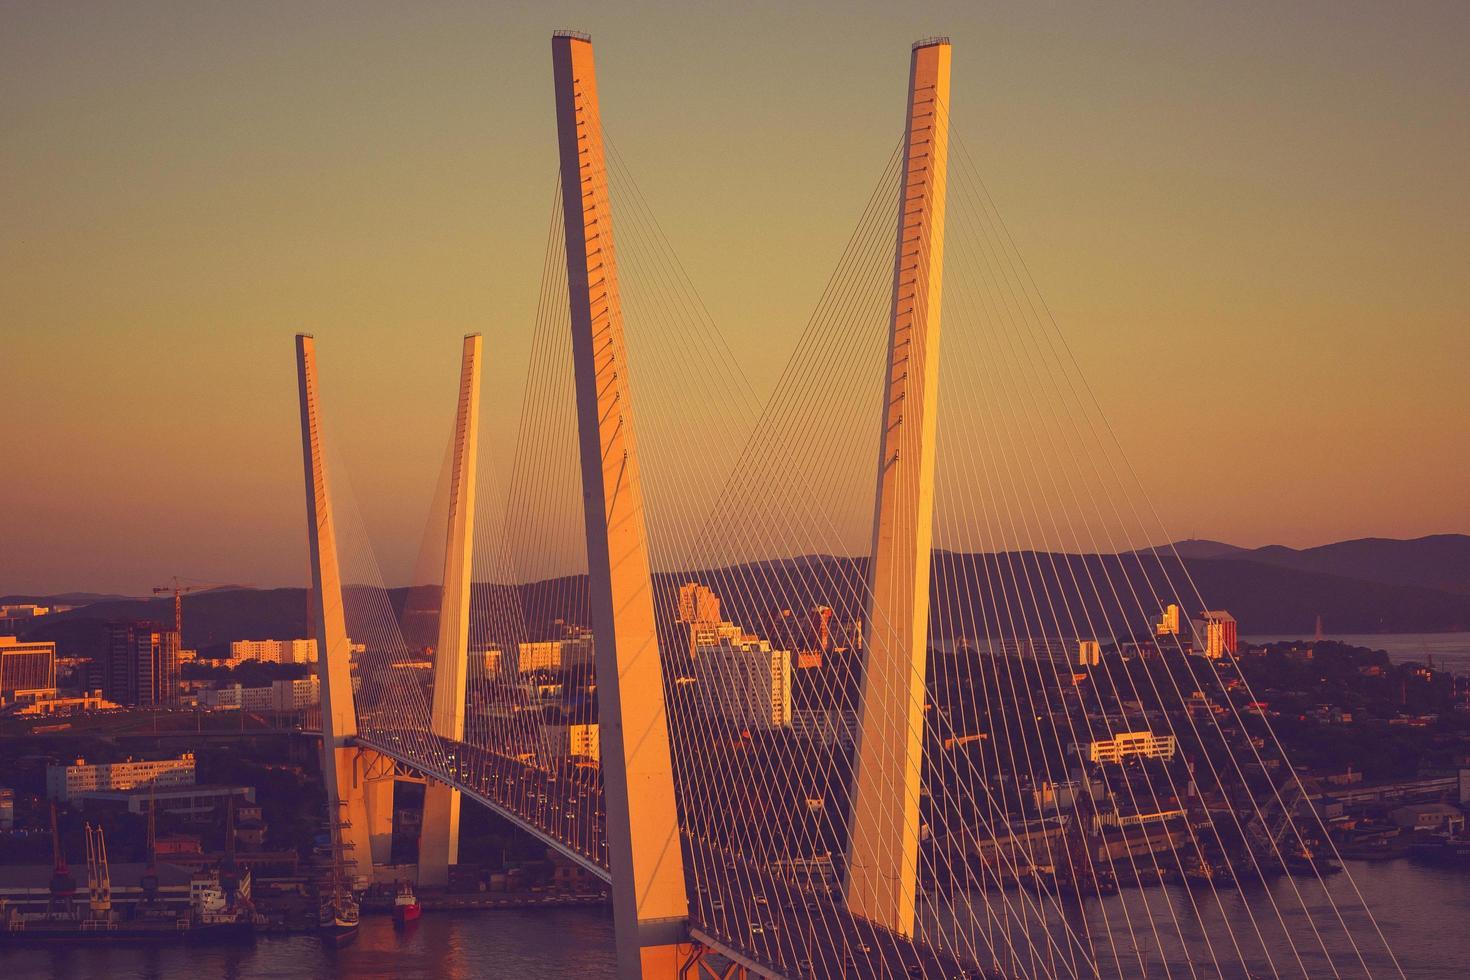 Vista notturna del ponte del corno d'oro.vladivostok, russia foto